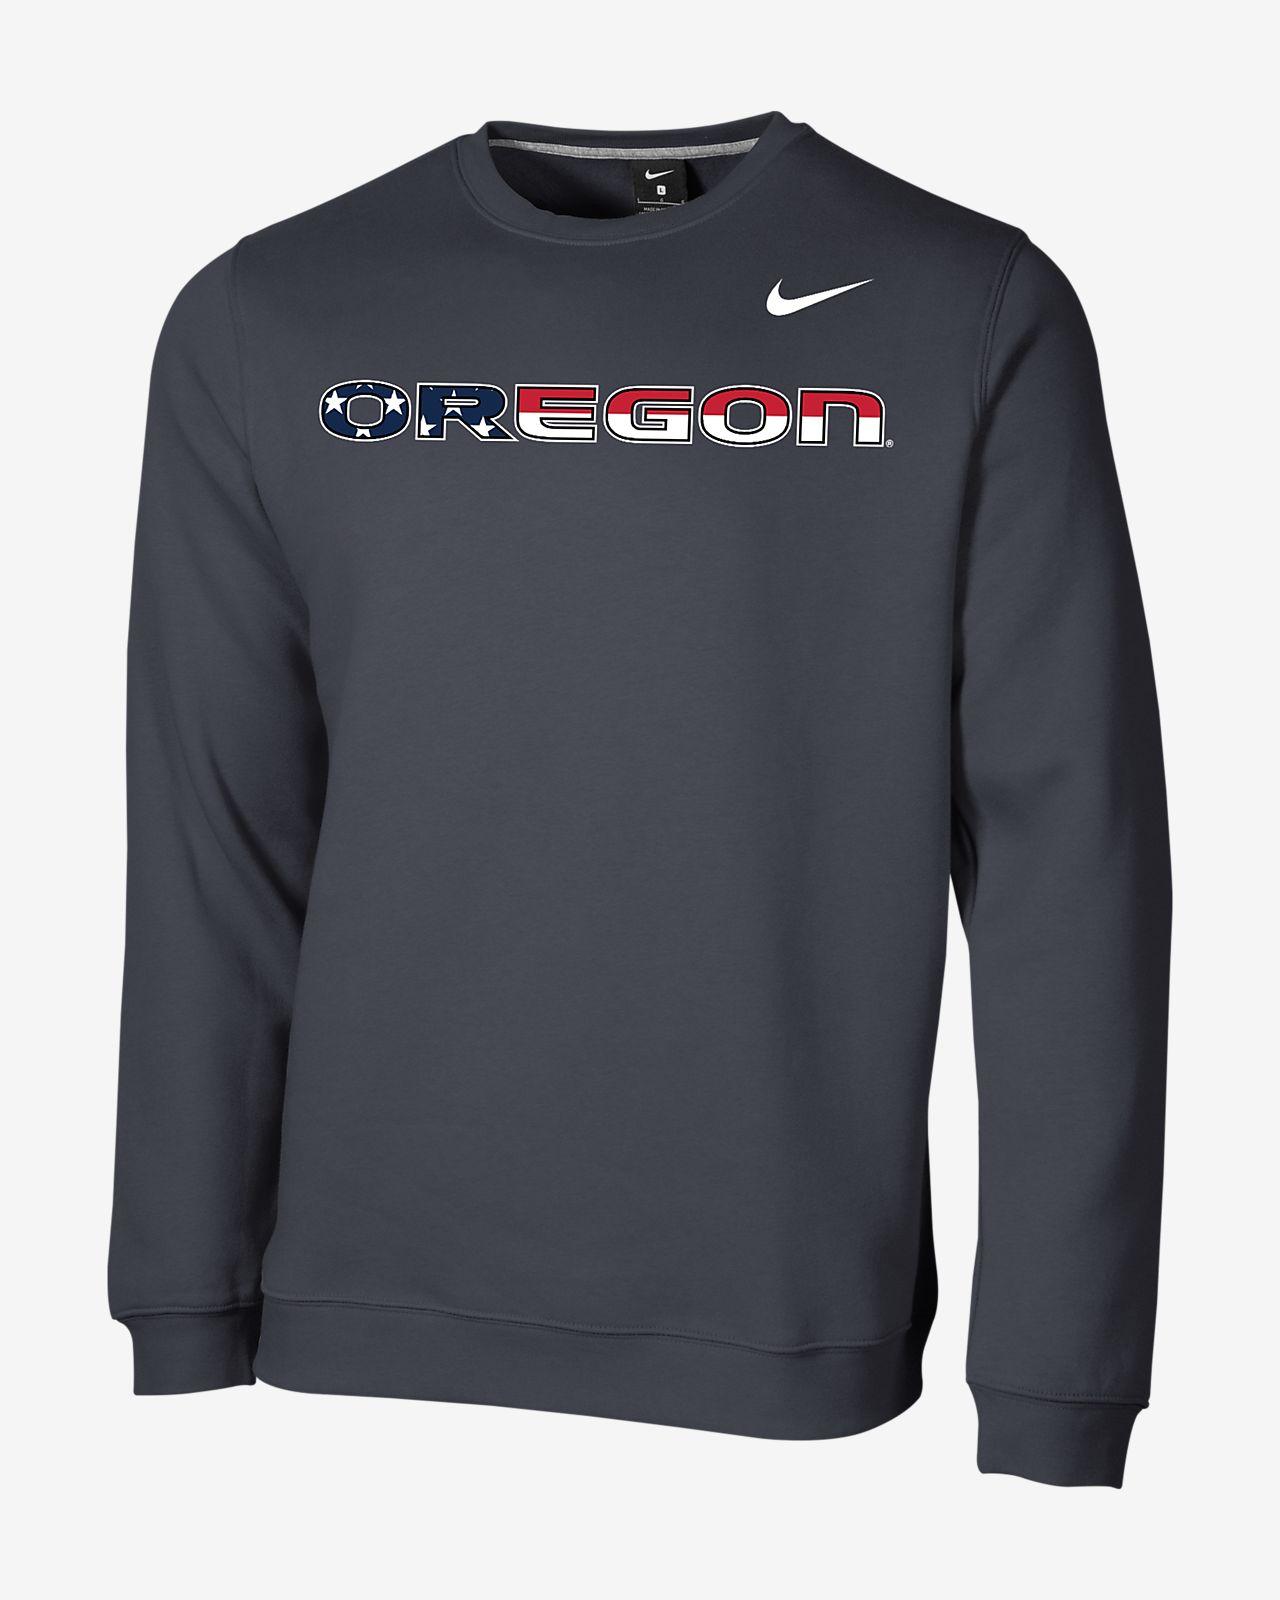 Nike College (Oregon) Men's Crew